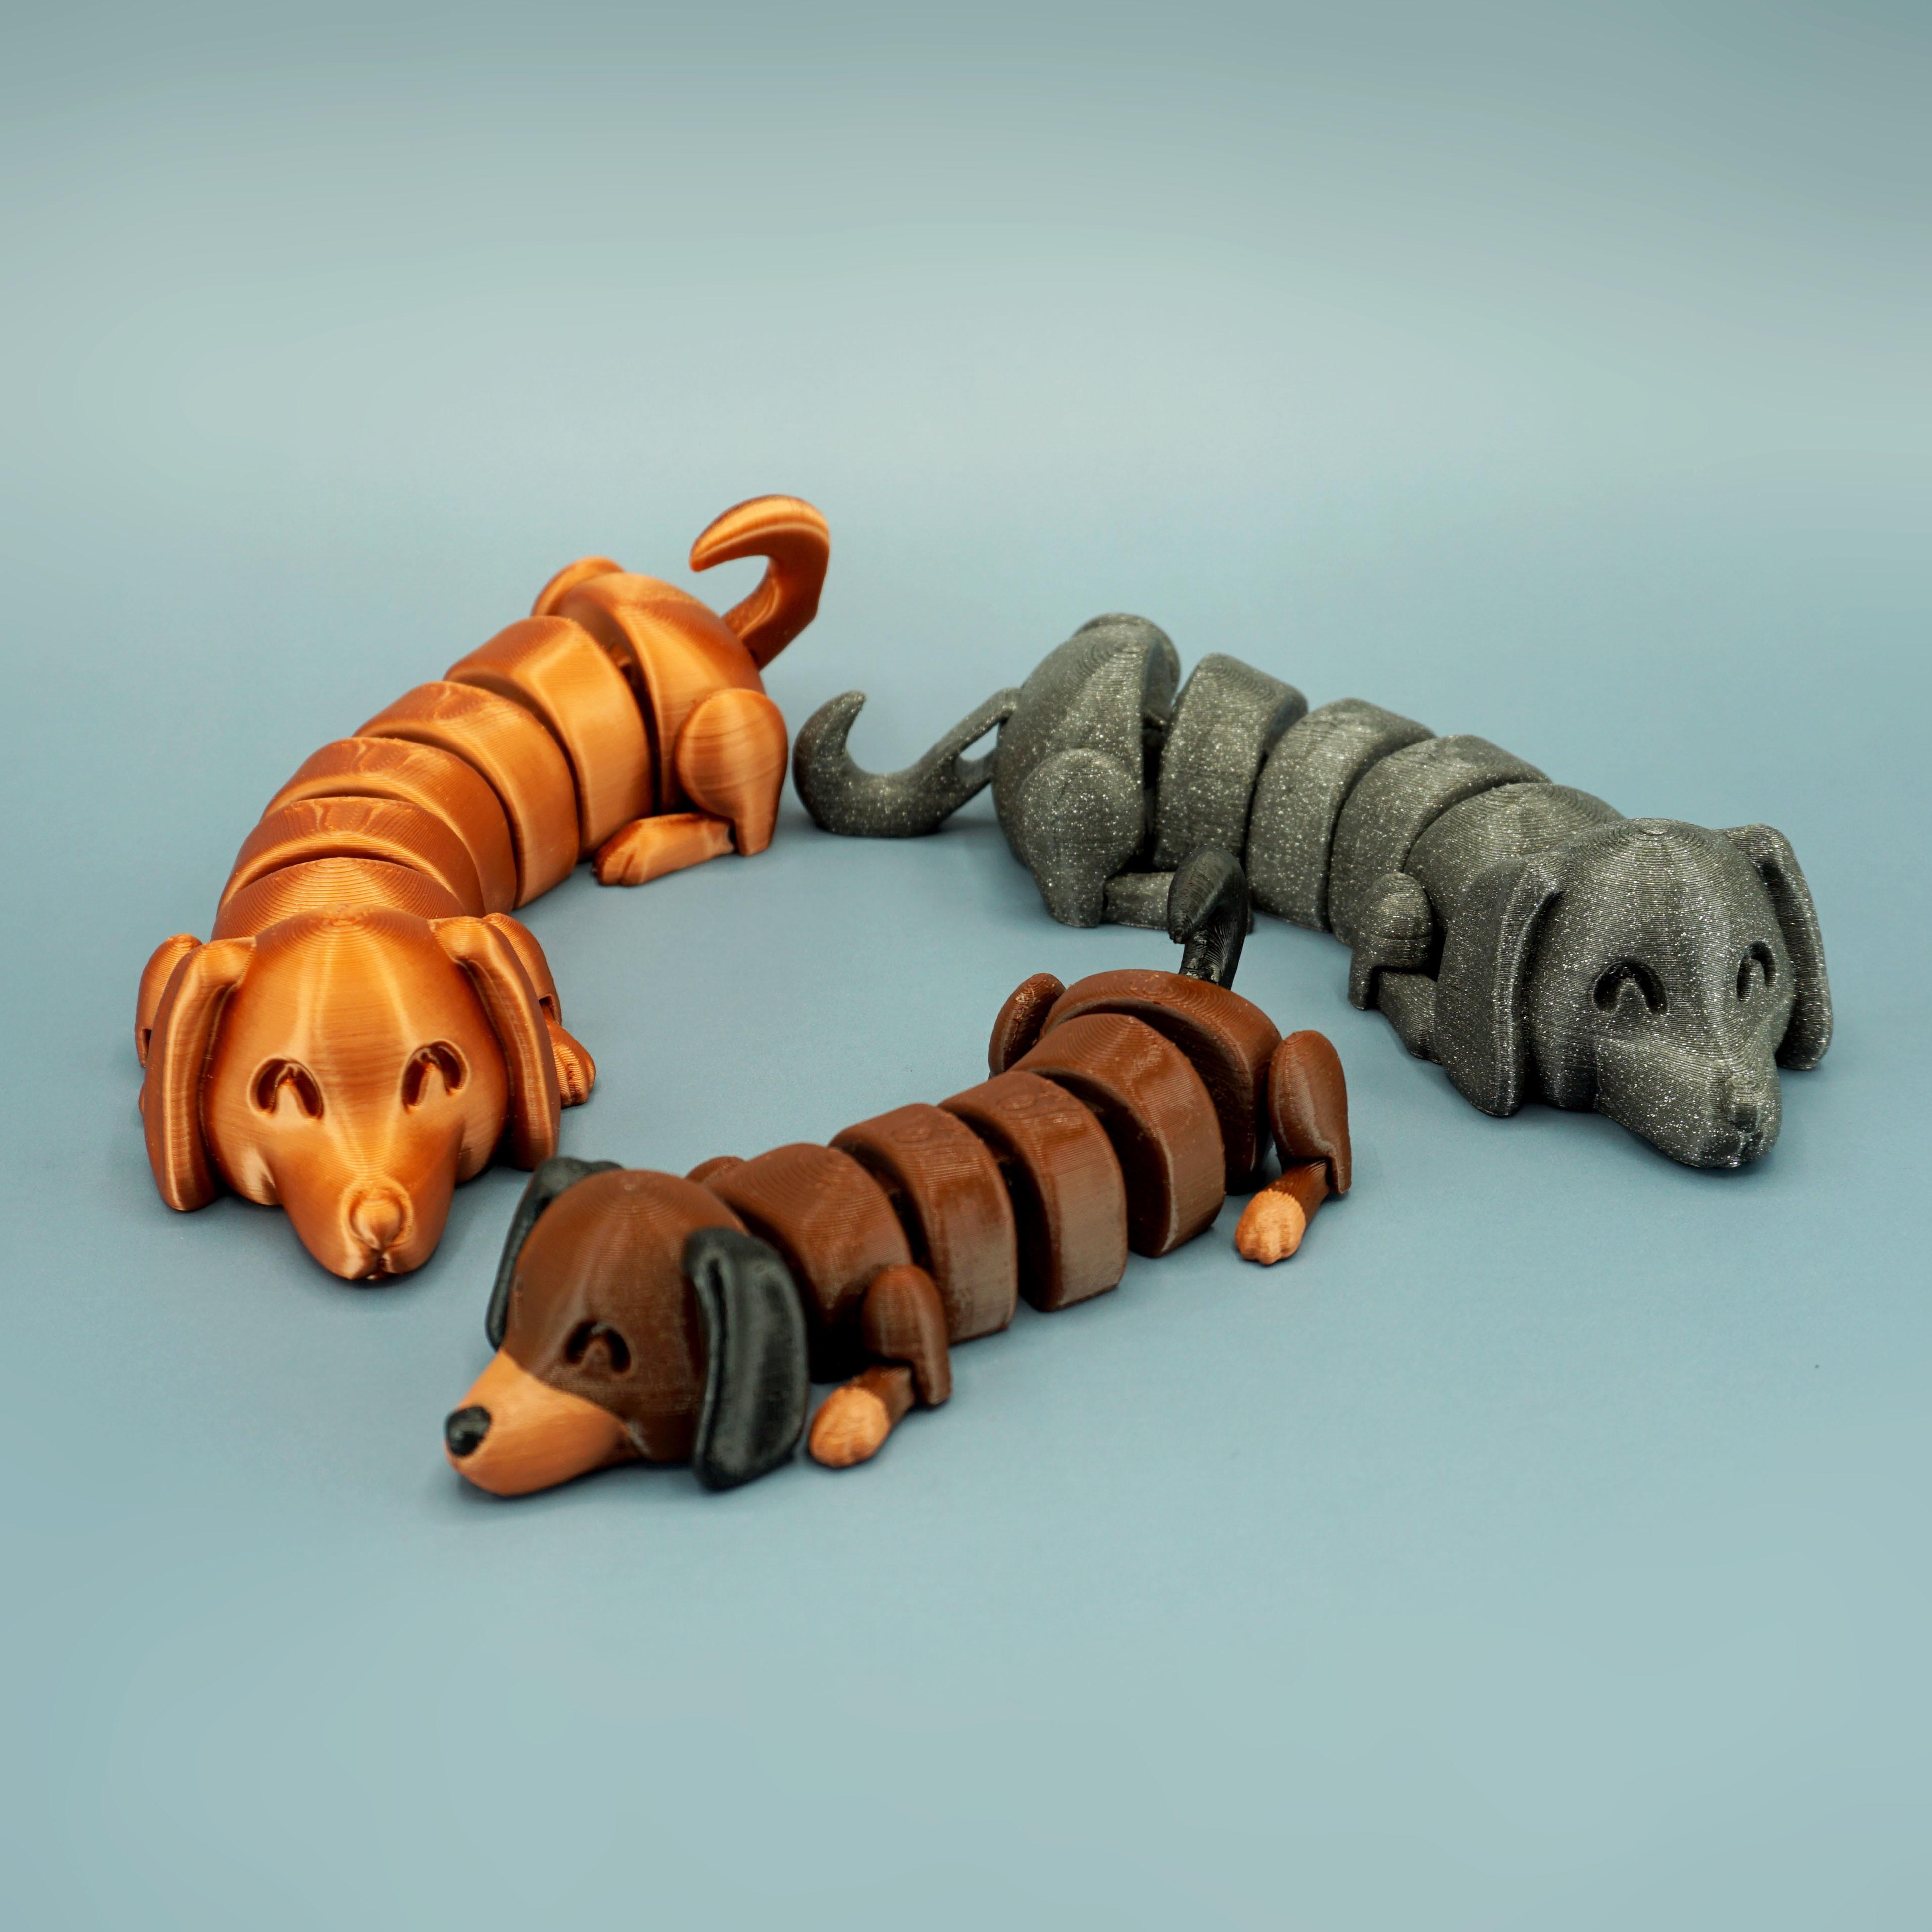 DSC01647 copia.jpg Download STL file Lazy Dogs • 3D print design, mcgybeer